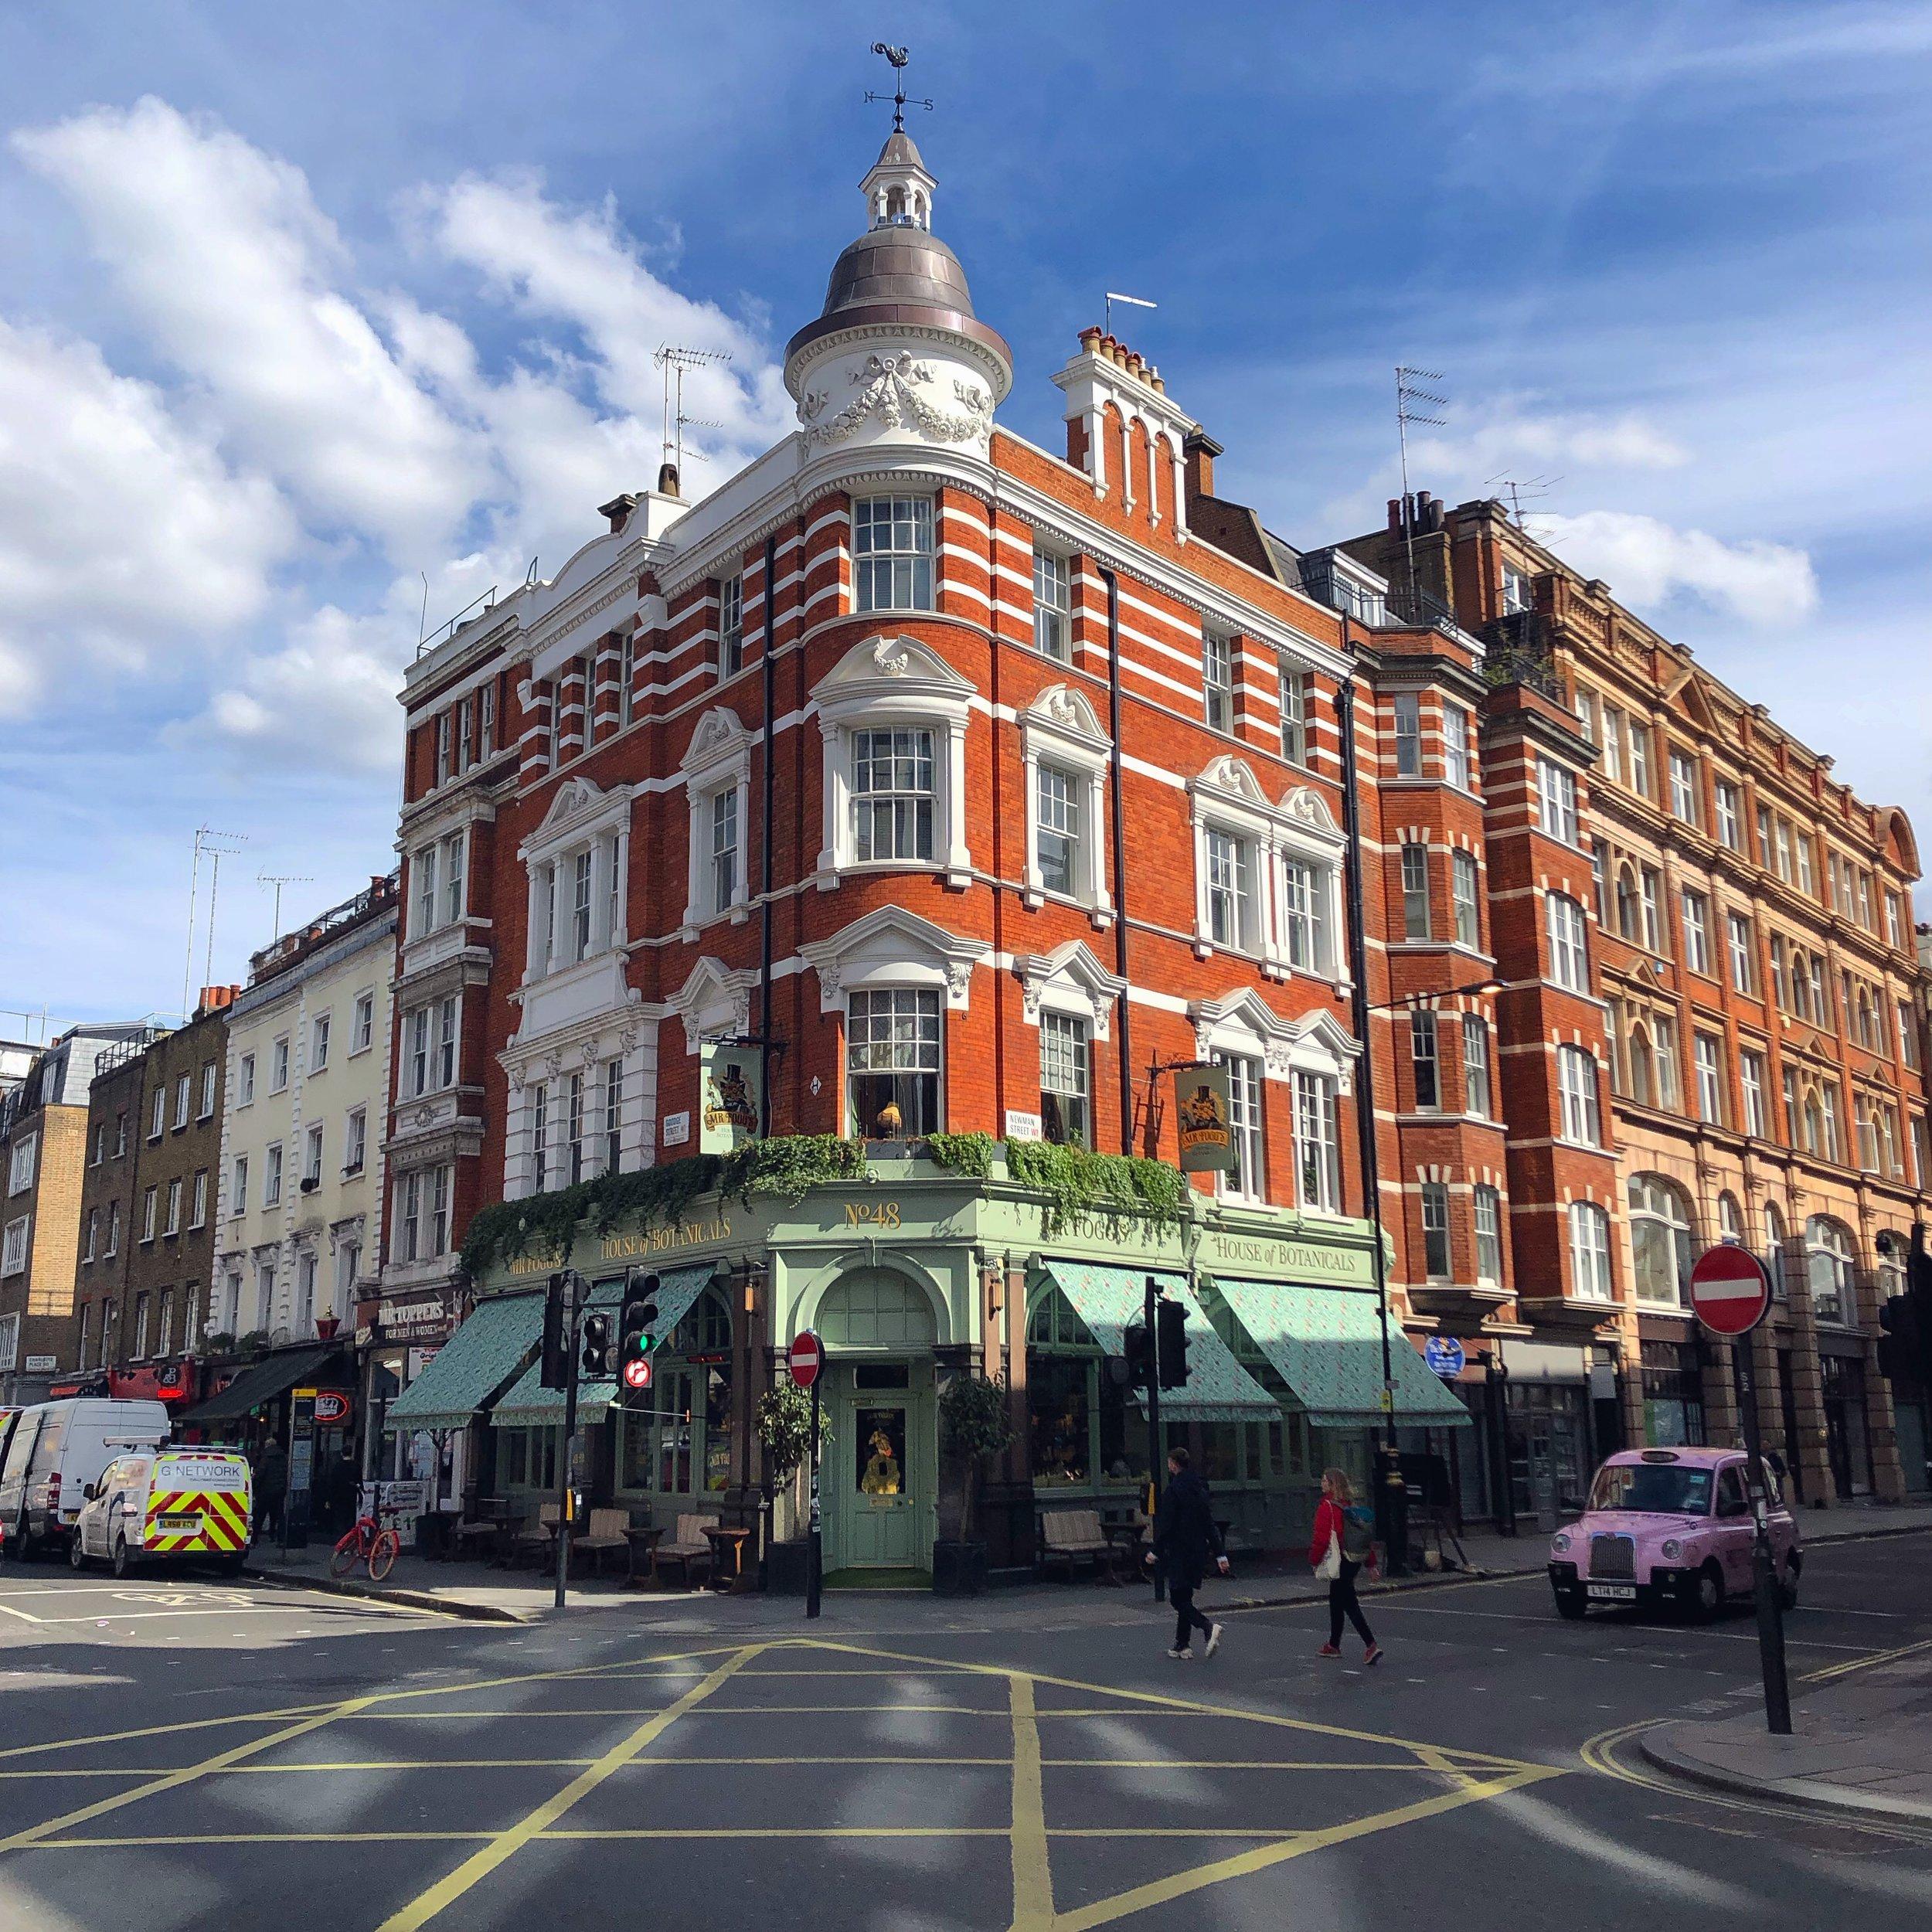 倫敦市中心某一處的路口~有點過太久忘記在哪拍的XD~